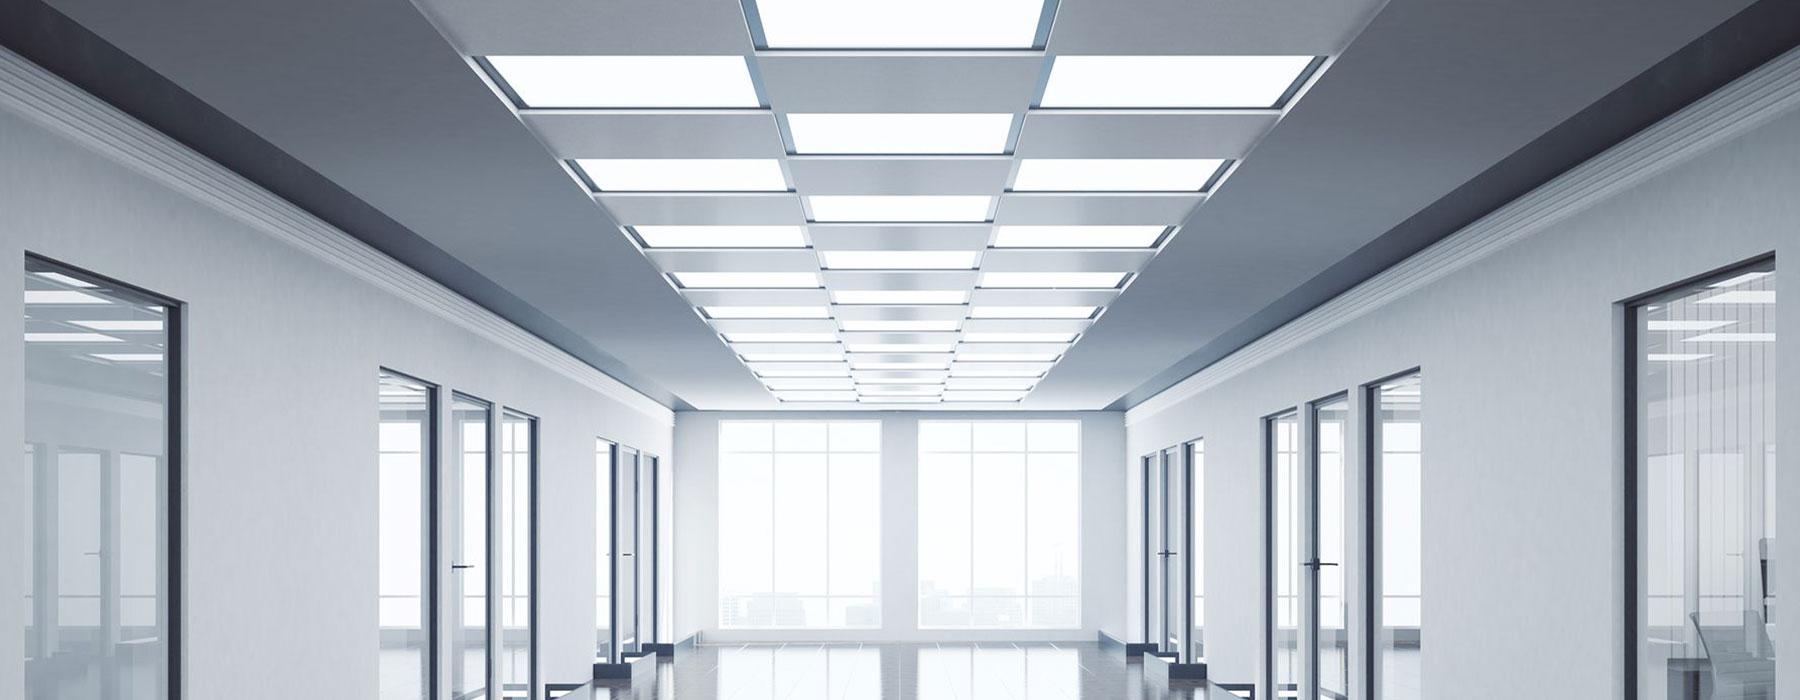 Panel-Lights-Catalog-BKG